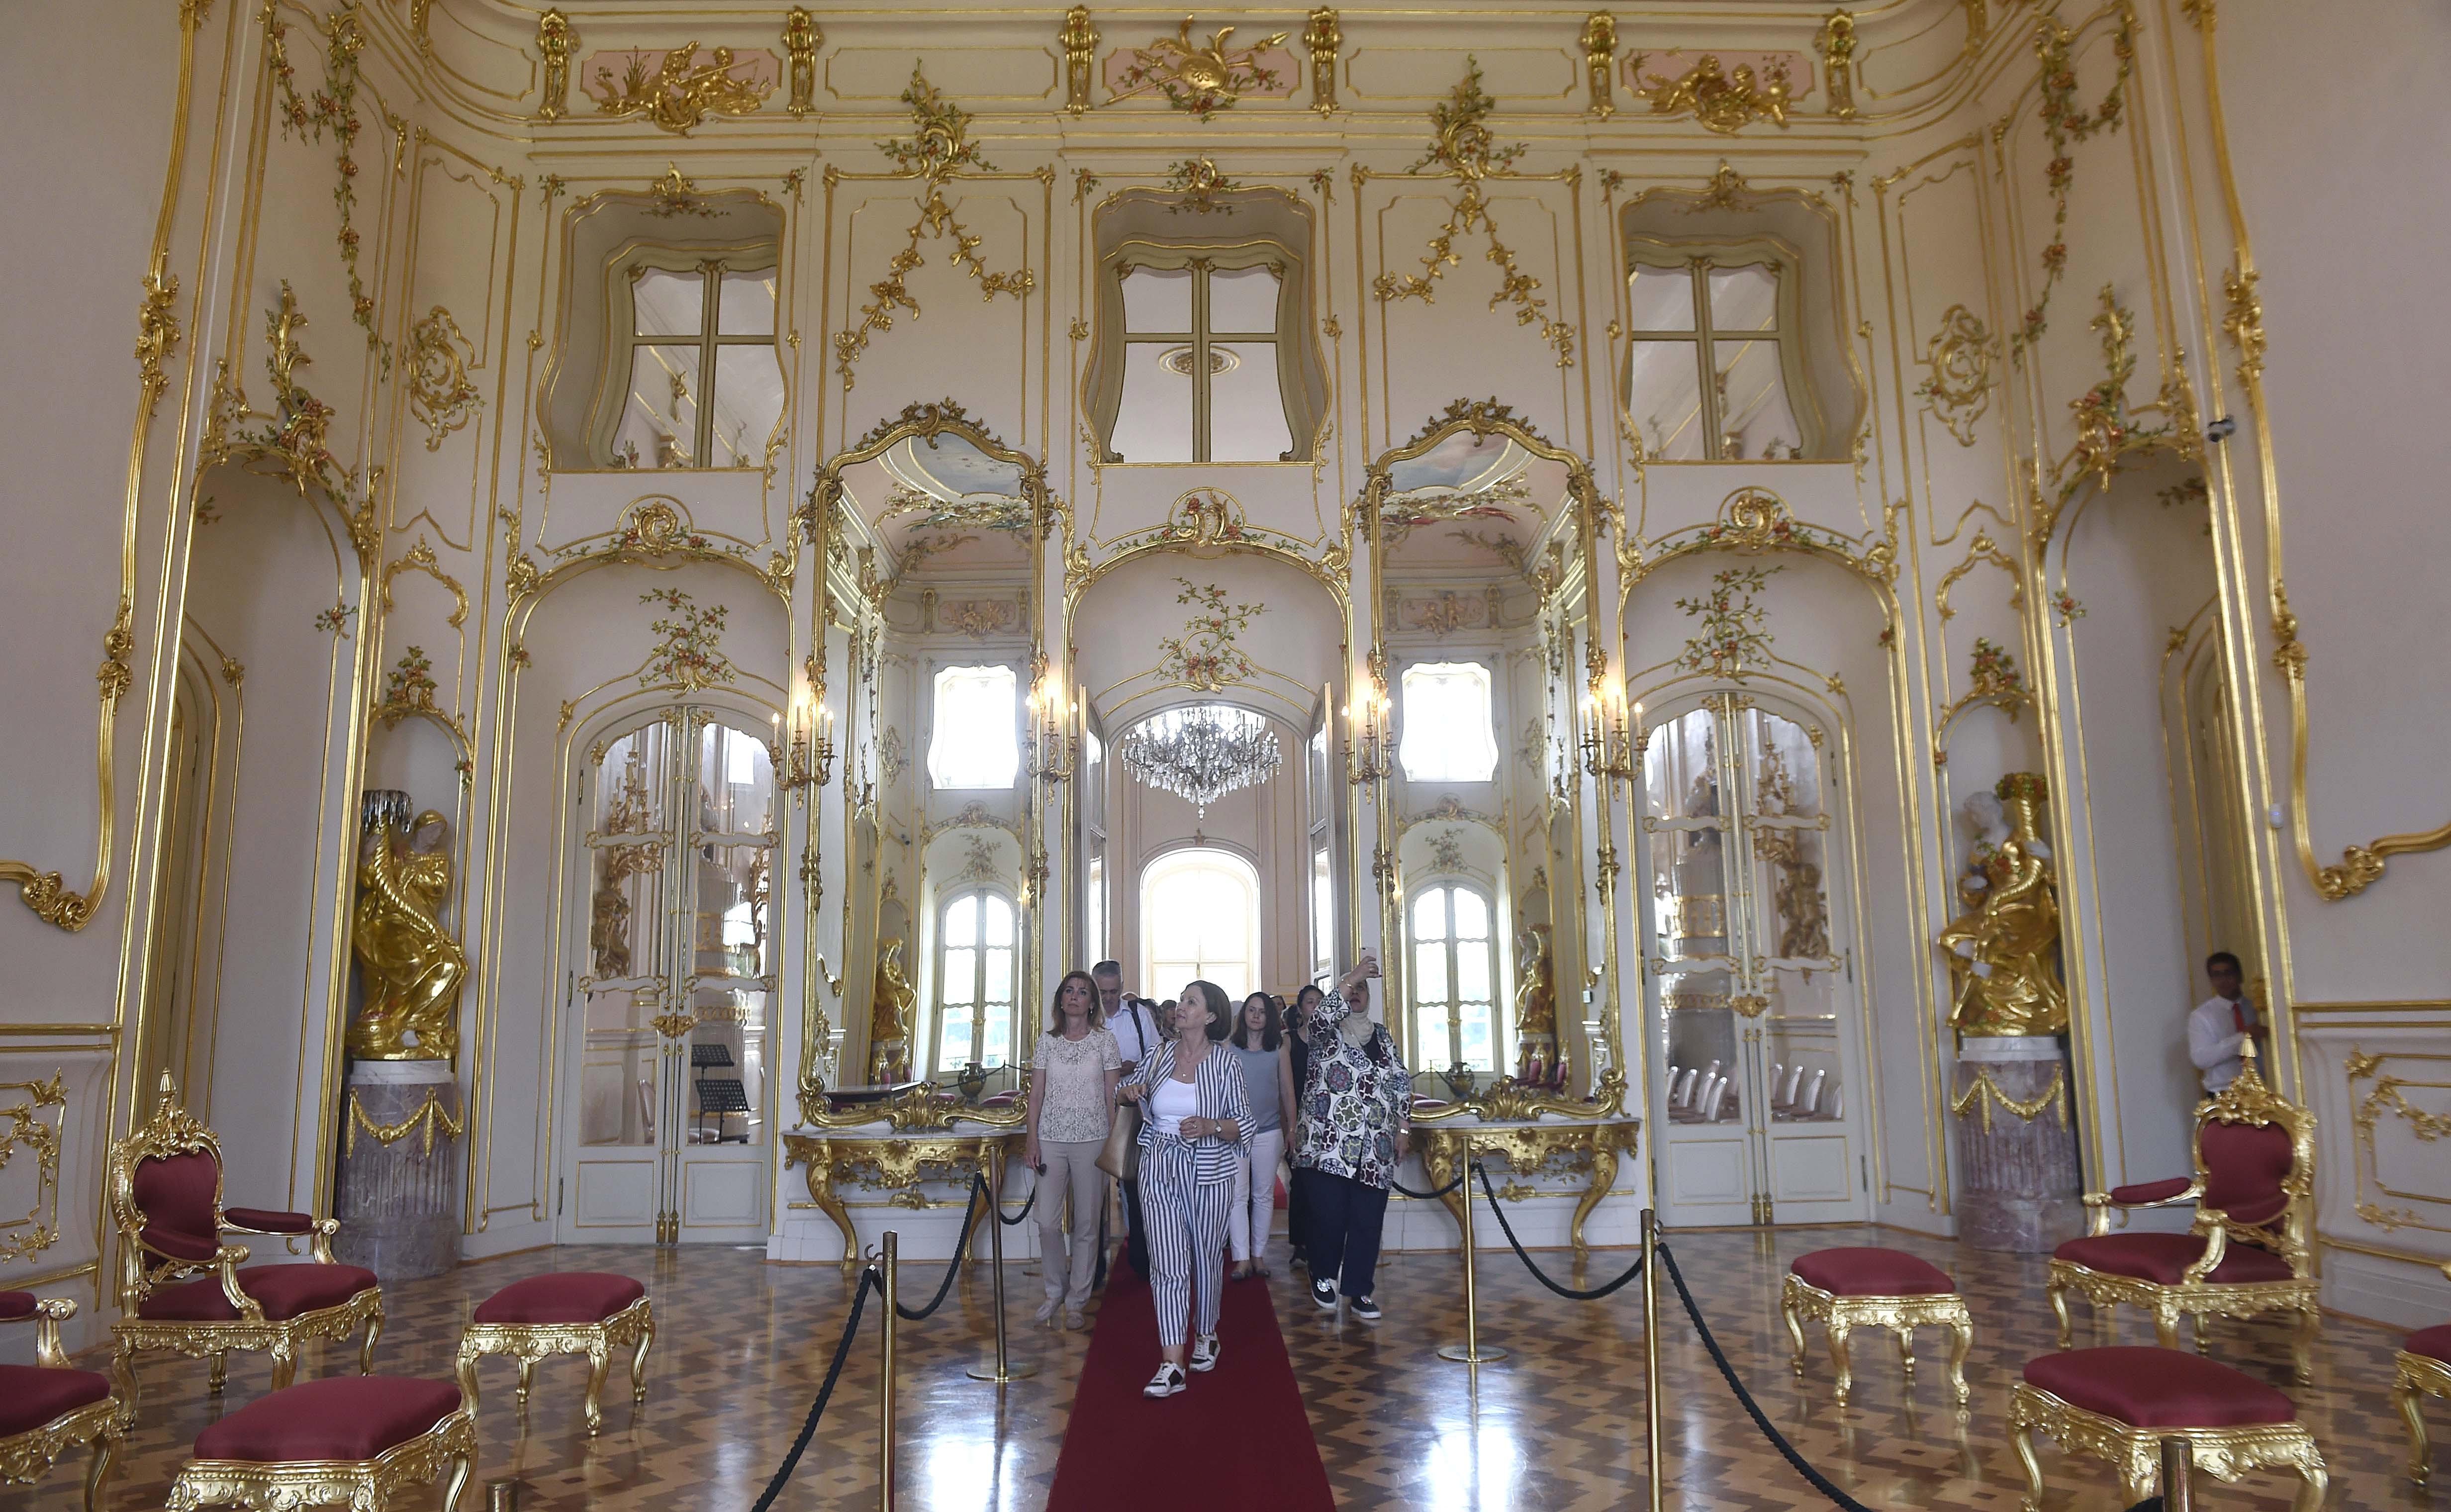 Áder János felesége kastélylátogatásra vitte a diplomaták házastársait